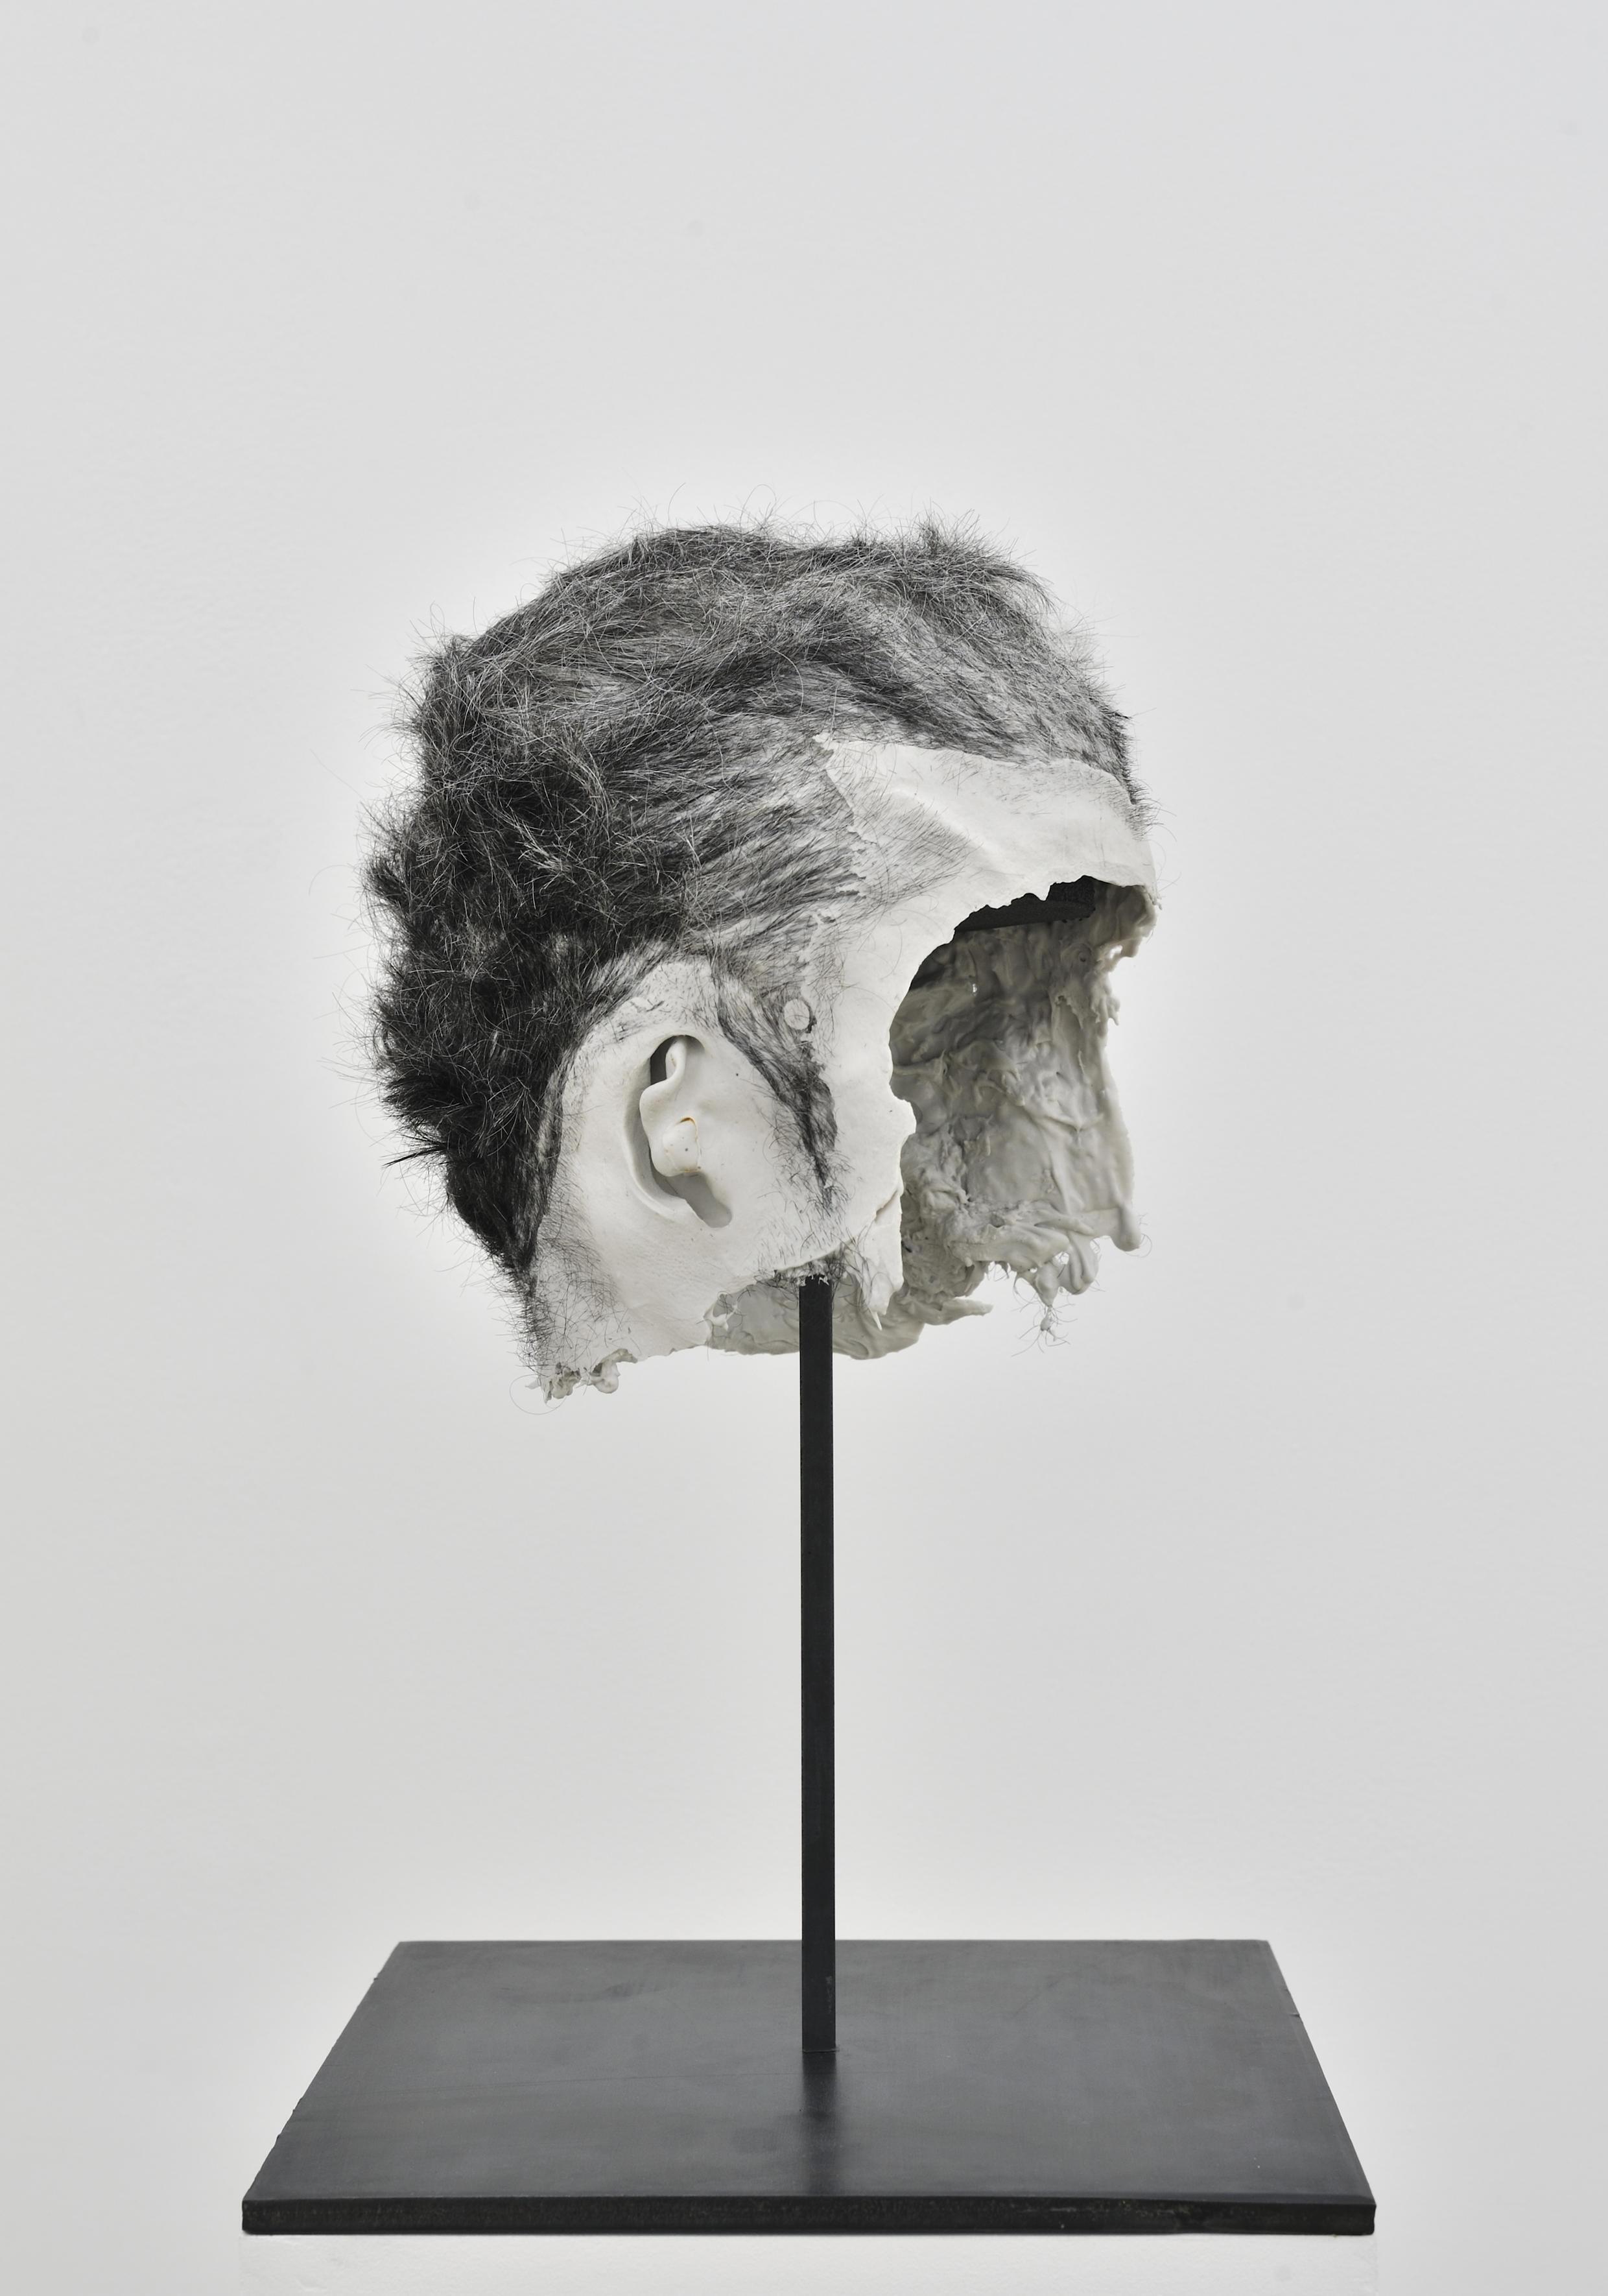 """Obra de Bruno Botella, """"Oborot"""", Silicone e modelagem capilar, 2012, coleção frac île-de-france"""